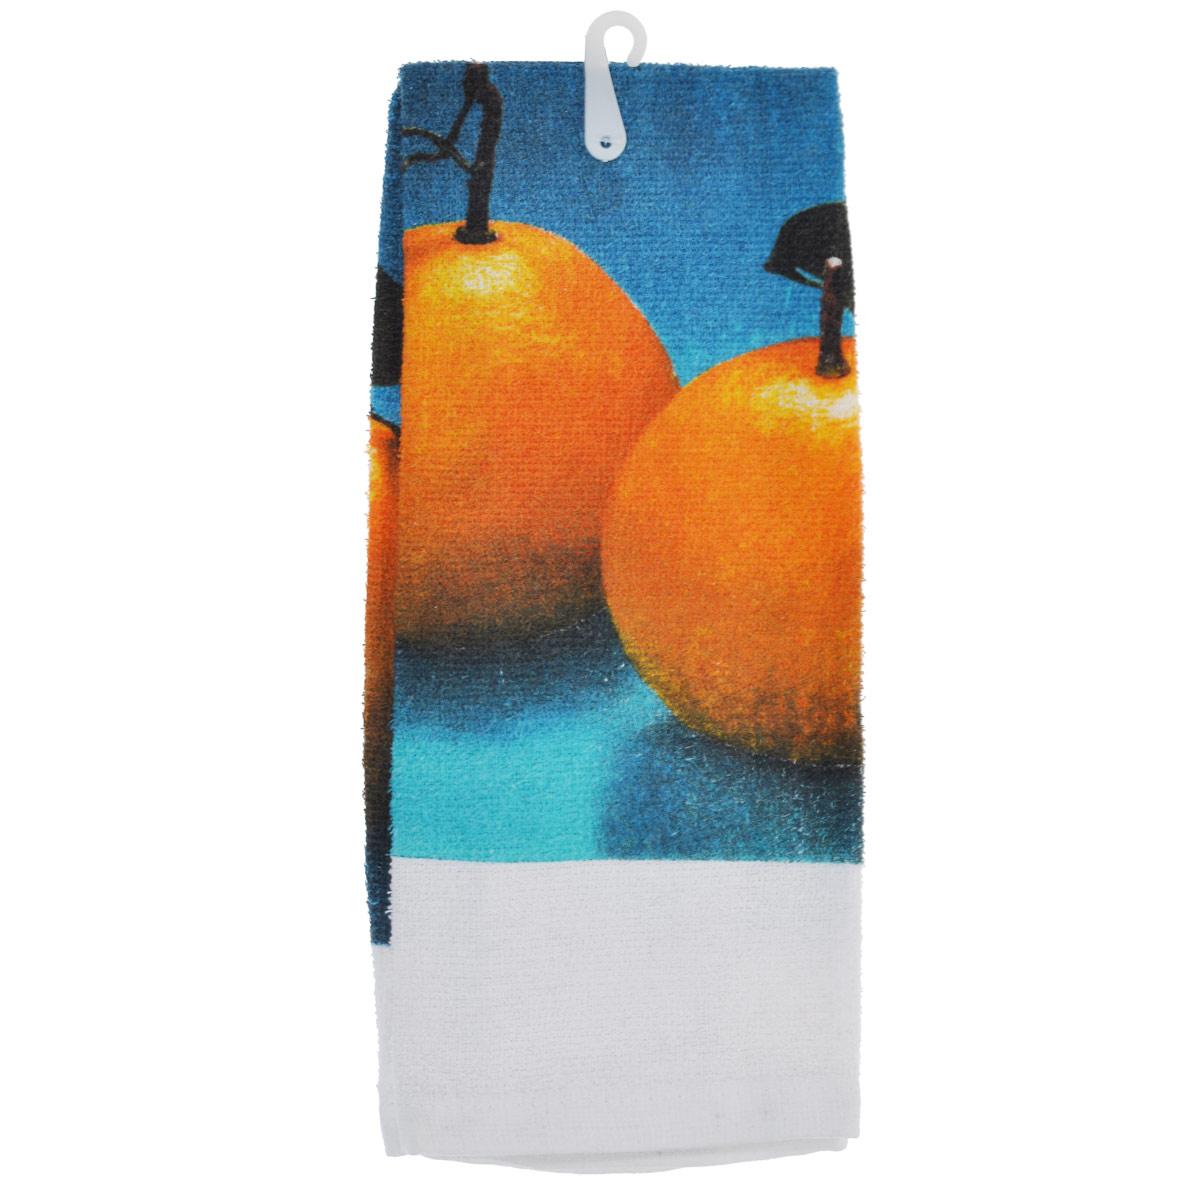 Полотенце кухонное Коллекция, 63 х 38 смПЛФ-2/гМахровое полотенце Коллекция, выполненное из натурального 100% хлопка, оформлено изображением красочным апельсинов. Полотенце предназначено для использования на кухне и в столовой. Полотенце Коллекция - отличный вариант для практичной и современной хозяйки.